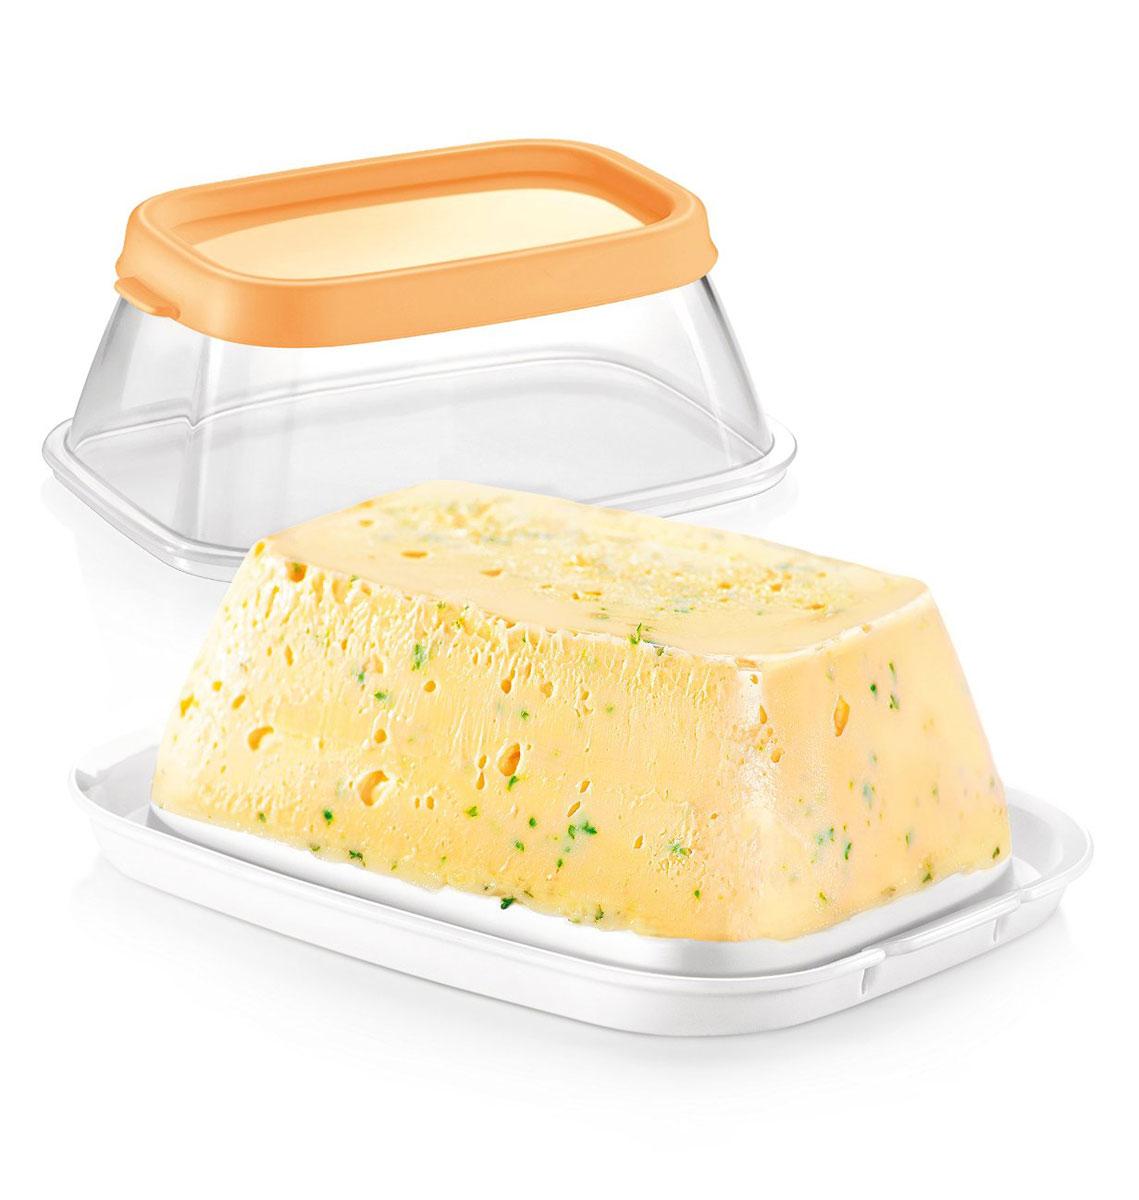 Масленка Tescoma DELLA CASA. 643142643142Отлично подходит для хранения и сервировки 200 г сливочного масла. Шероховатое дно для удобной нарезки – масло не скользит.Сделано из превосходного силикона и прочной пластмассы. Можно мыть в посудомоечной машине. Инструкция по применению прилагается.